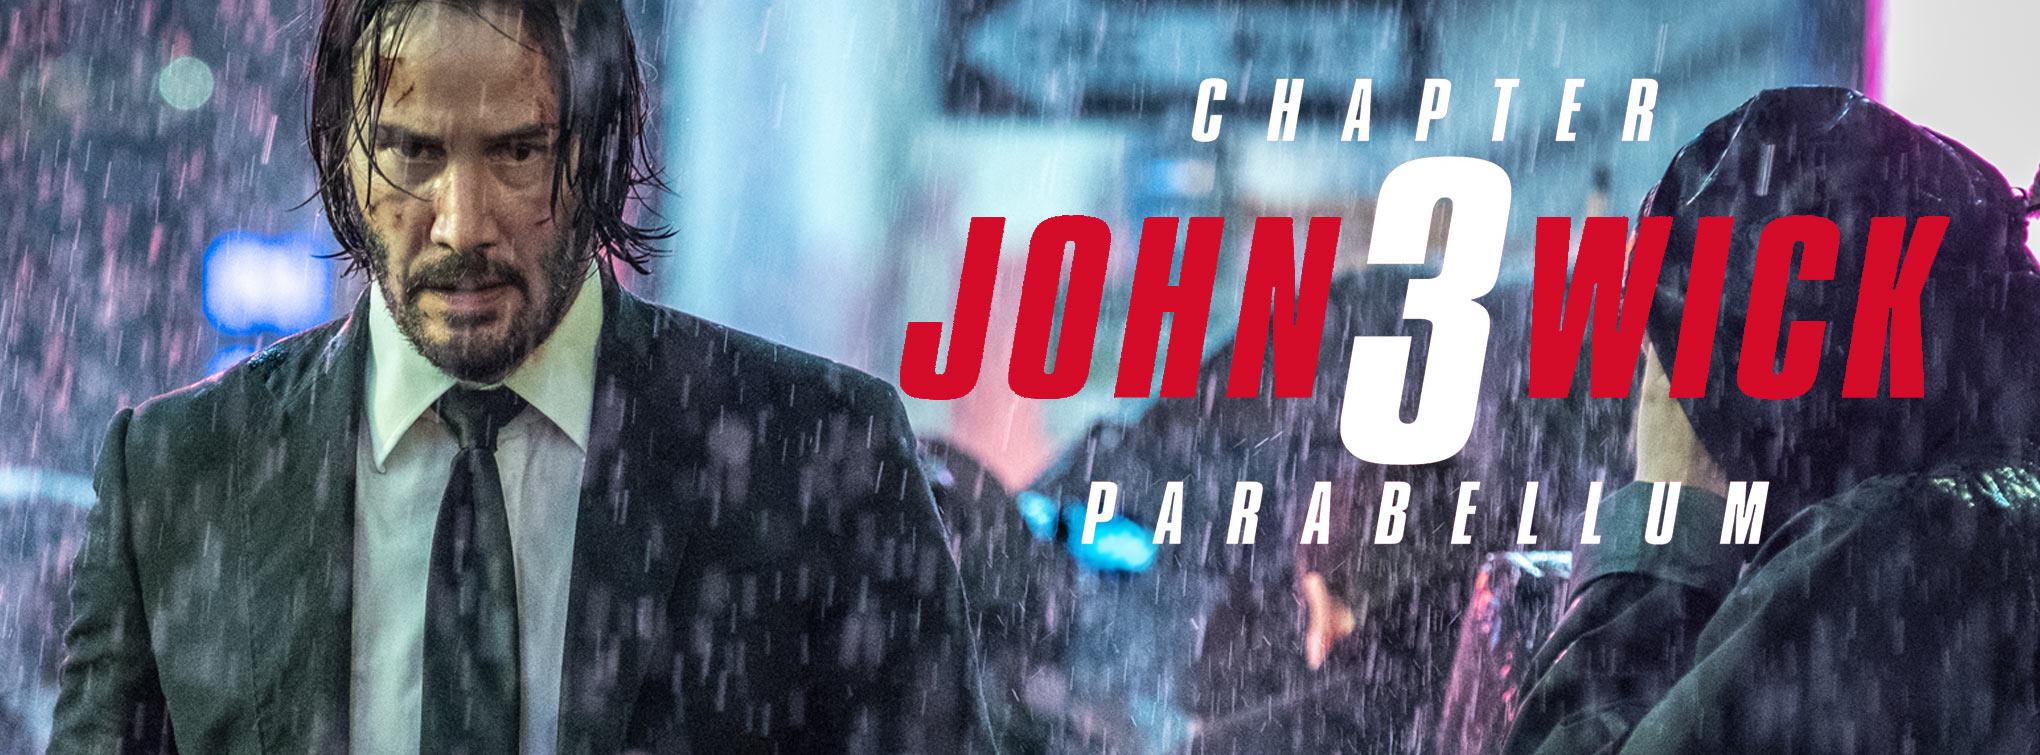 Slider image for John Wick: Chapter 3 - Parabellum